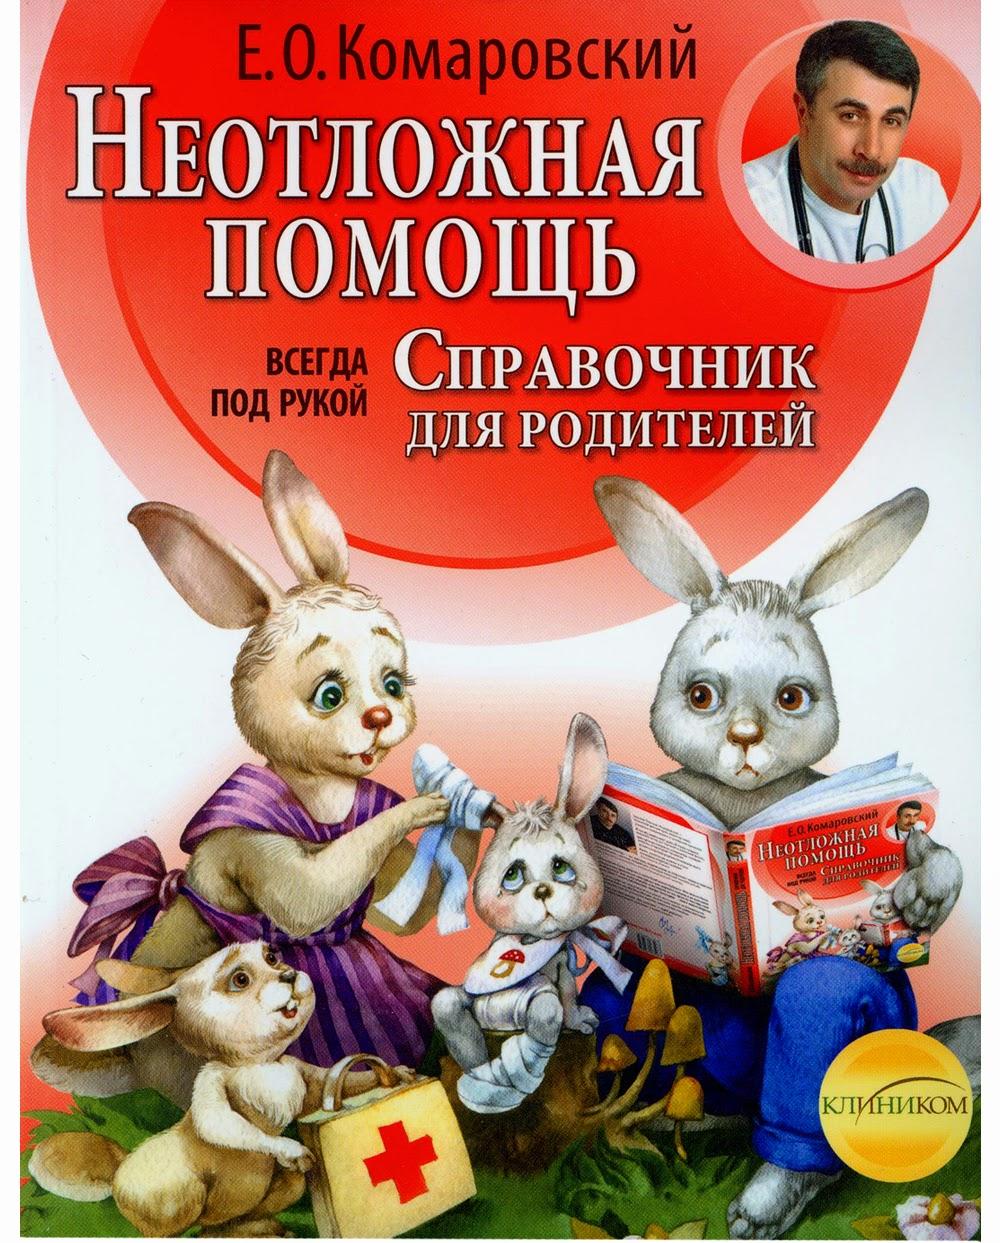 Аптечка неотложной помощи по Комаровскому.